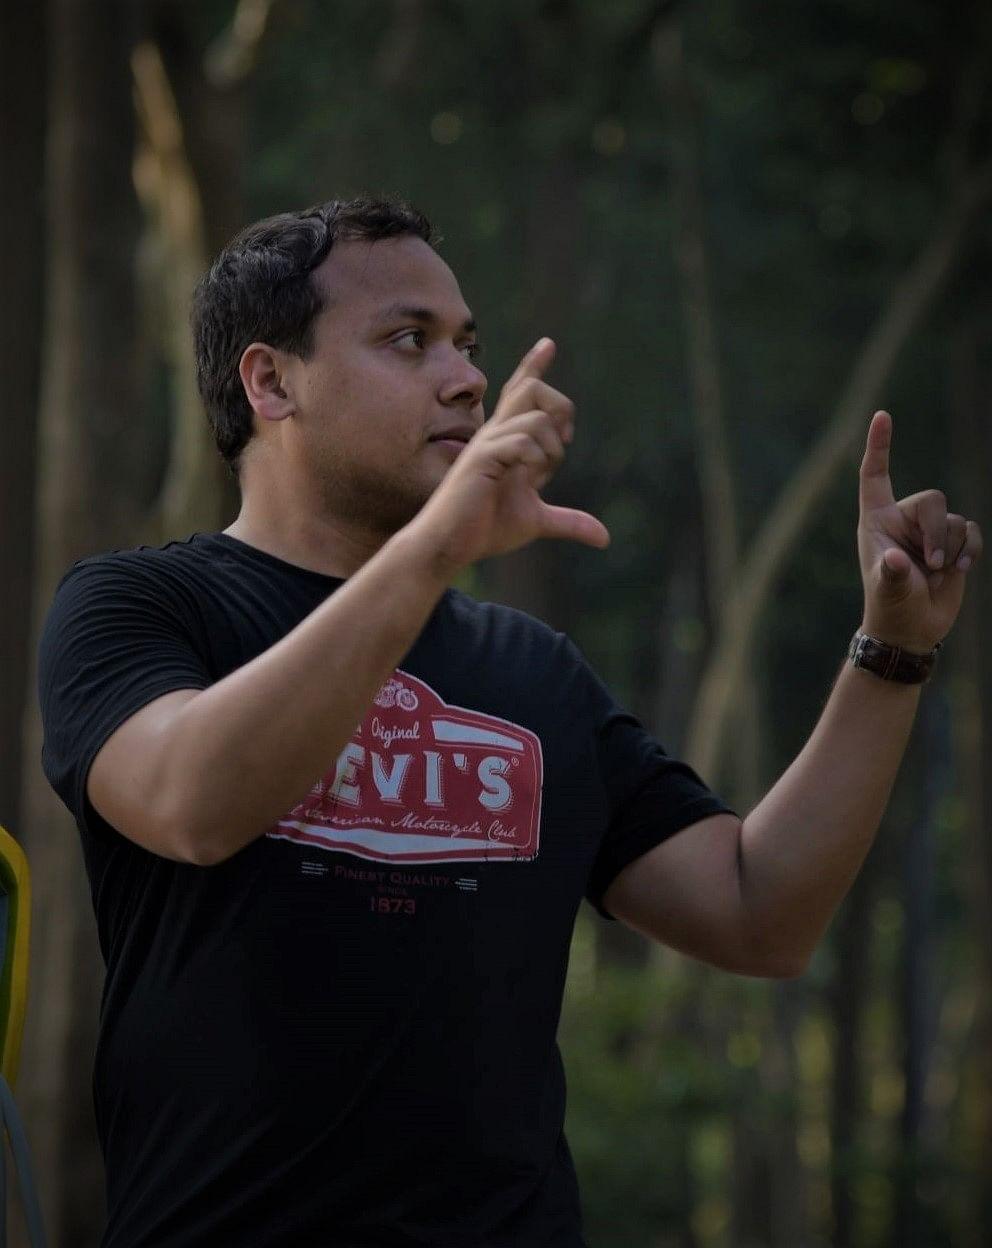 Satyakam Dutta